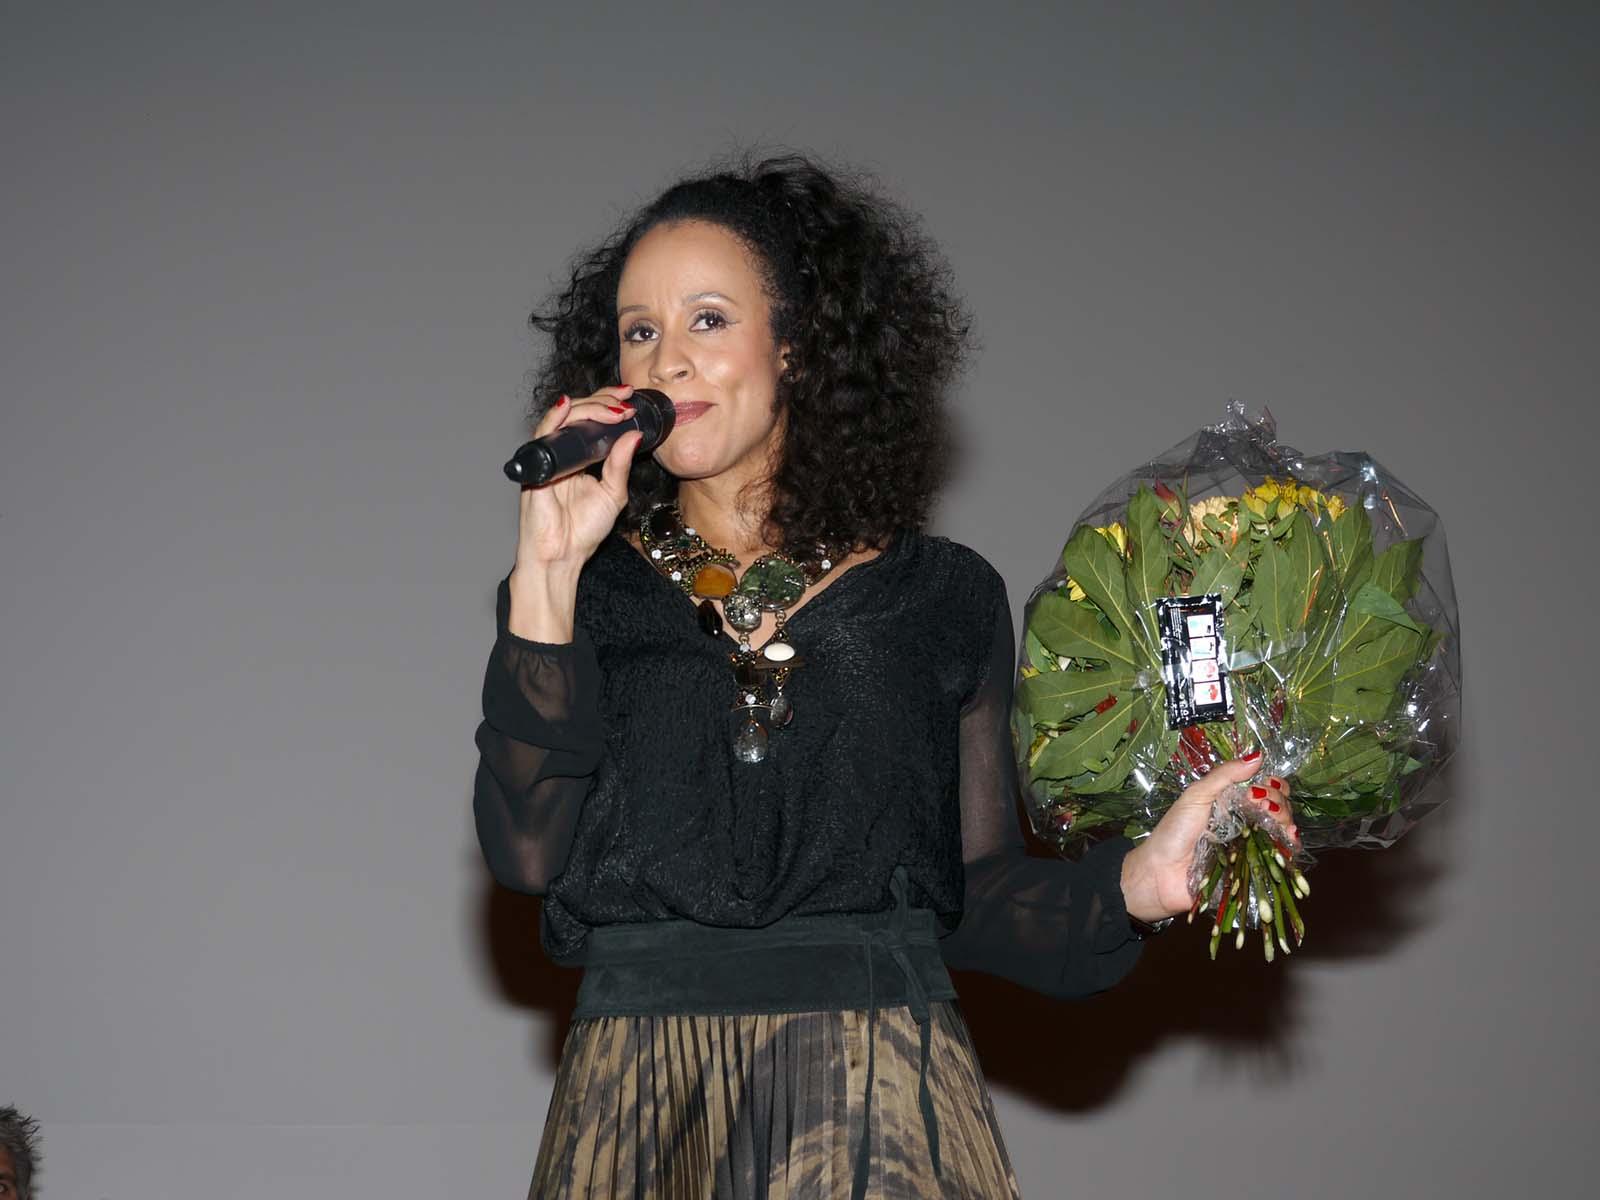 Nubya begeisterte mit ihrem Auftritt im Reformierten Kirchgemeindehaus Höngg.